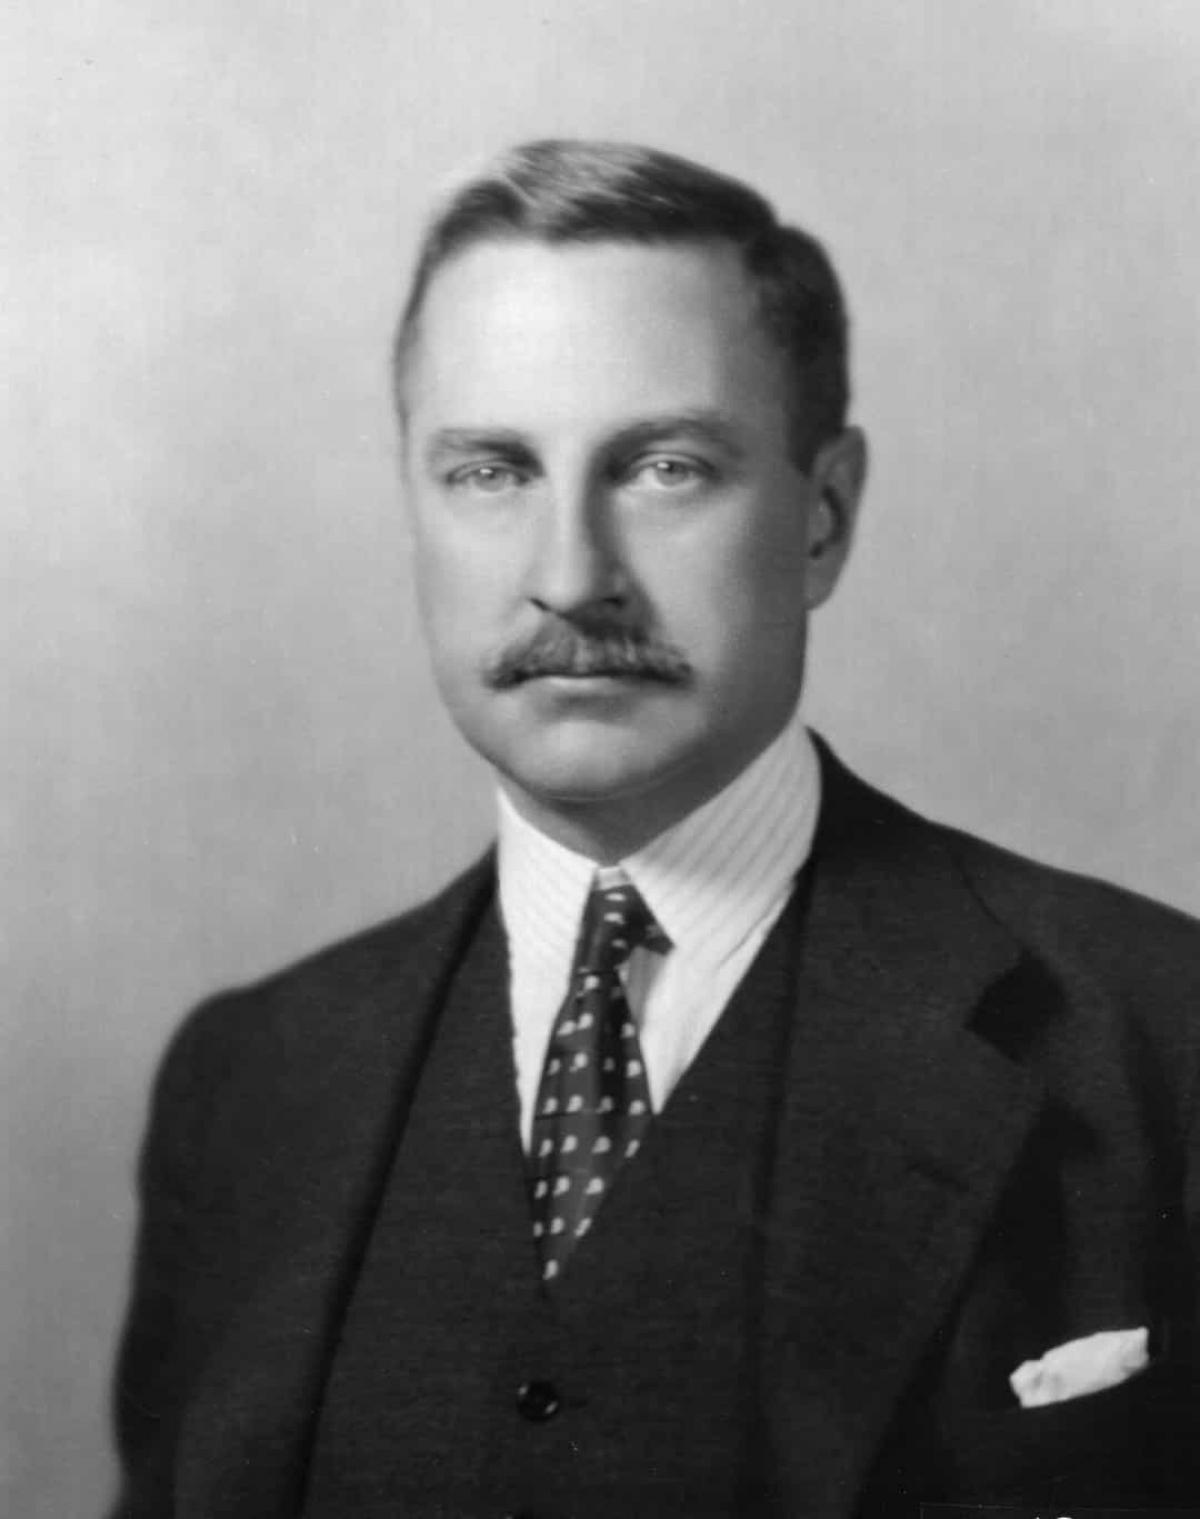 7 năm sau, ông Aldrich (trong ảnh) đứng đầu một dự án nhằm tạo ra một triển lãm thương mại ở New York, nhưng ý tưởng này đã bị bác bỏ khi một giải pháp thay thế khả thi hơn xuất hiện.Tuy nhiên, cháu trai của Aldrich, David Rockefeller, vẫn quyết tâm giữ ý tưởng của chú mình. Là thành viên của một trong những gia đình giàu có nhất ở New York, Rockefeller có khả năng biến ý tưởng về Trung tâm Thương mại Thế giới thành hiện thực.